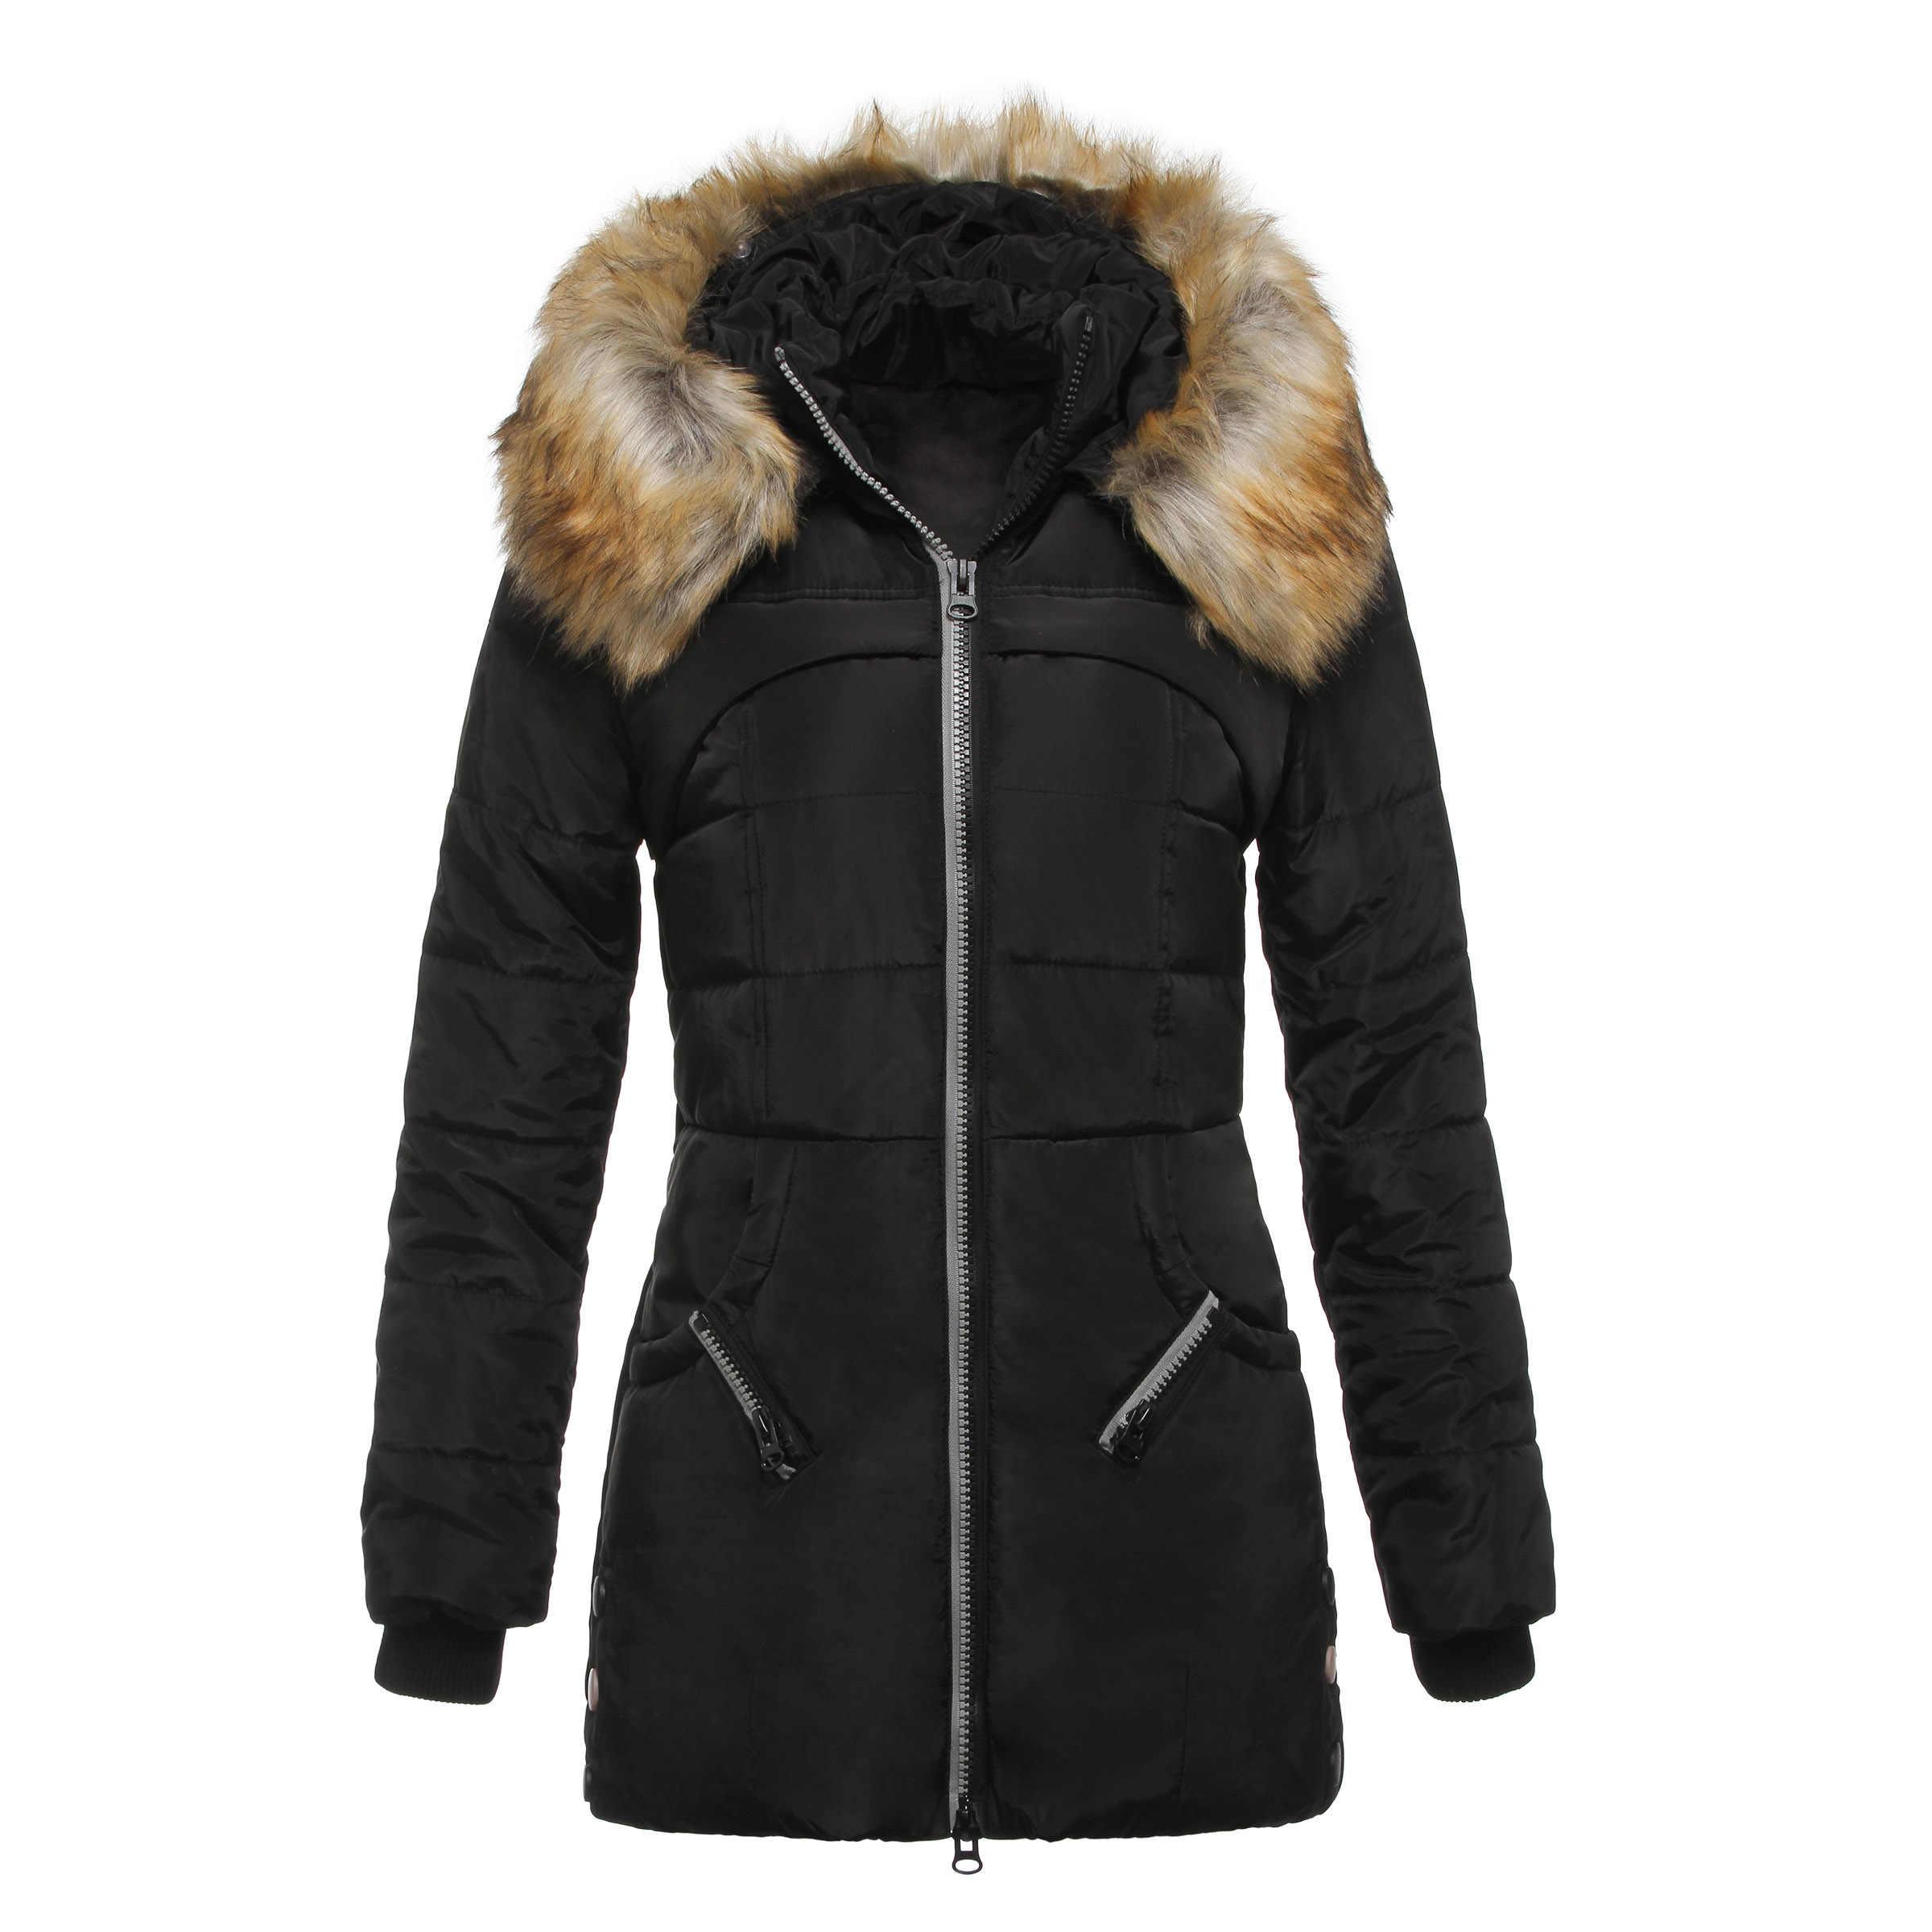 秋の冬のコートジャケット女性フード付き厚く暖かいロングアウター女性エレガントなオフィススリム綿パーカーコートグリーン黒